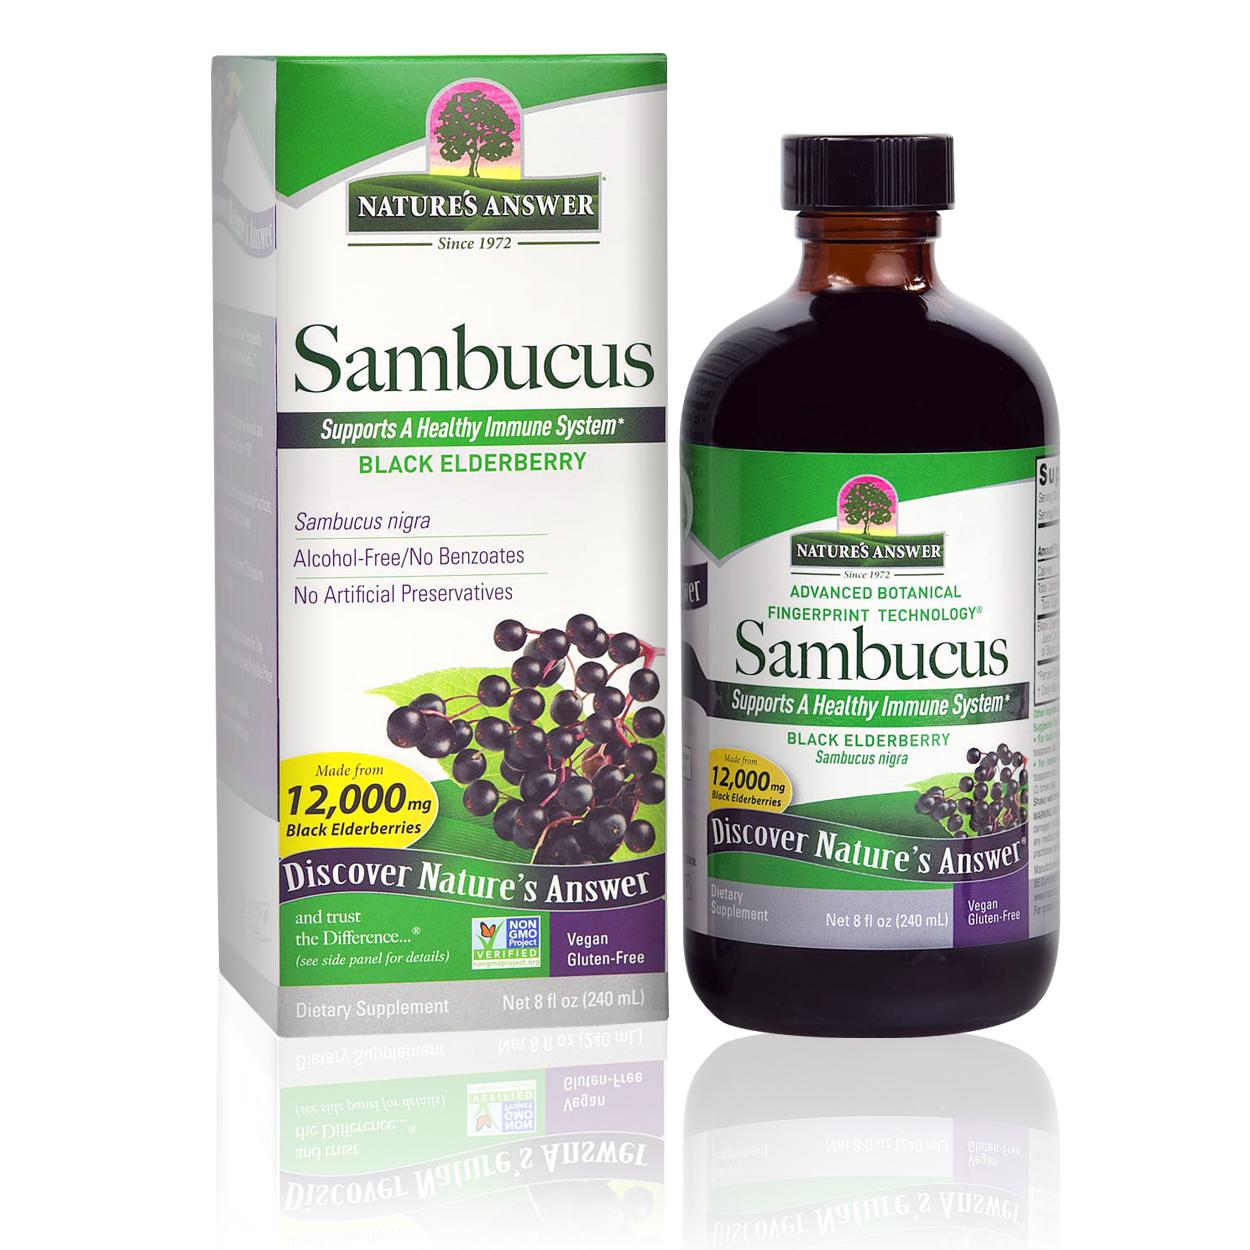 Sambucus